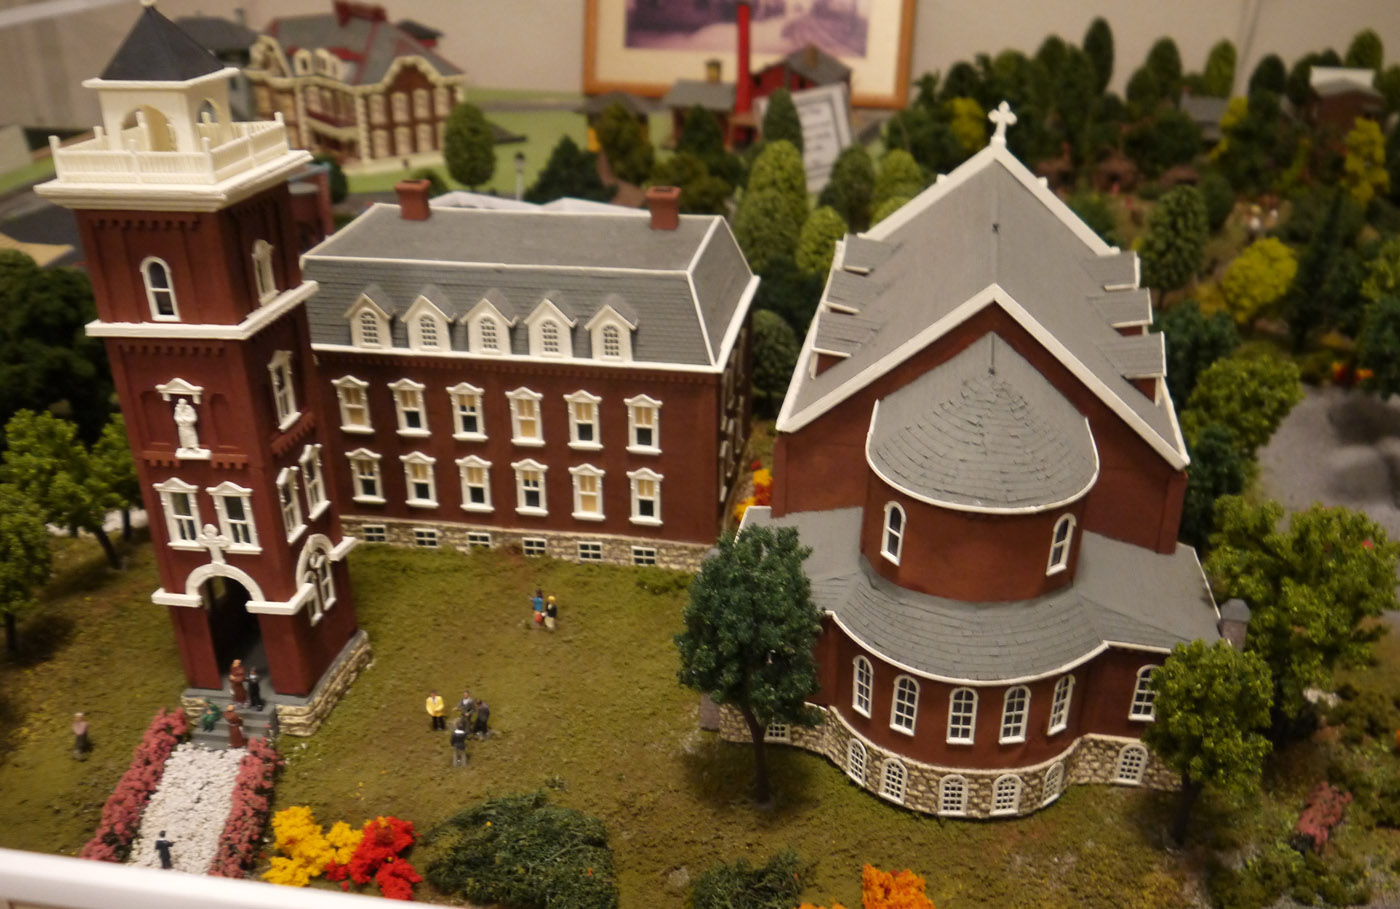 Illinois effingham county teutopolis - St Joseph S College Teutopolis